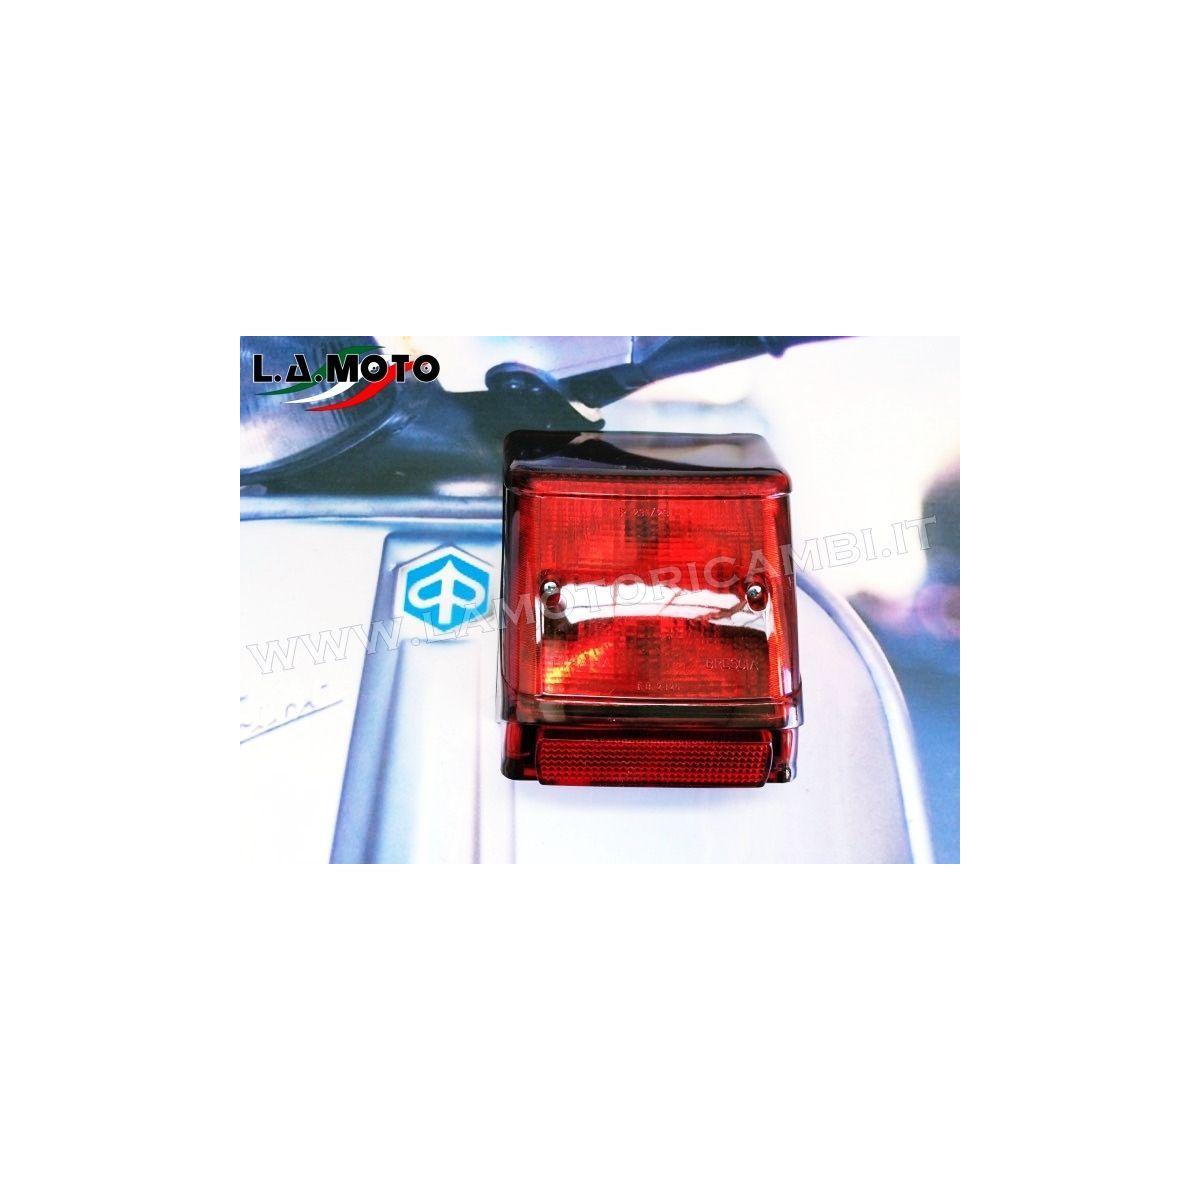 Fanalino posteriore per VESPA Pk 50 cc. XL PLURIMATIC RUSH